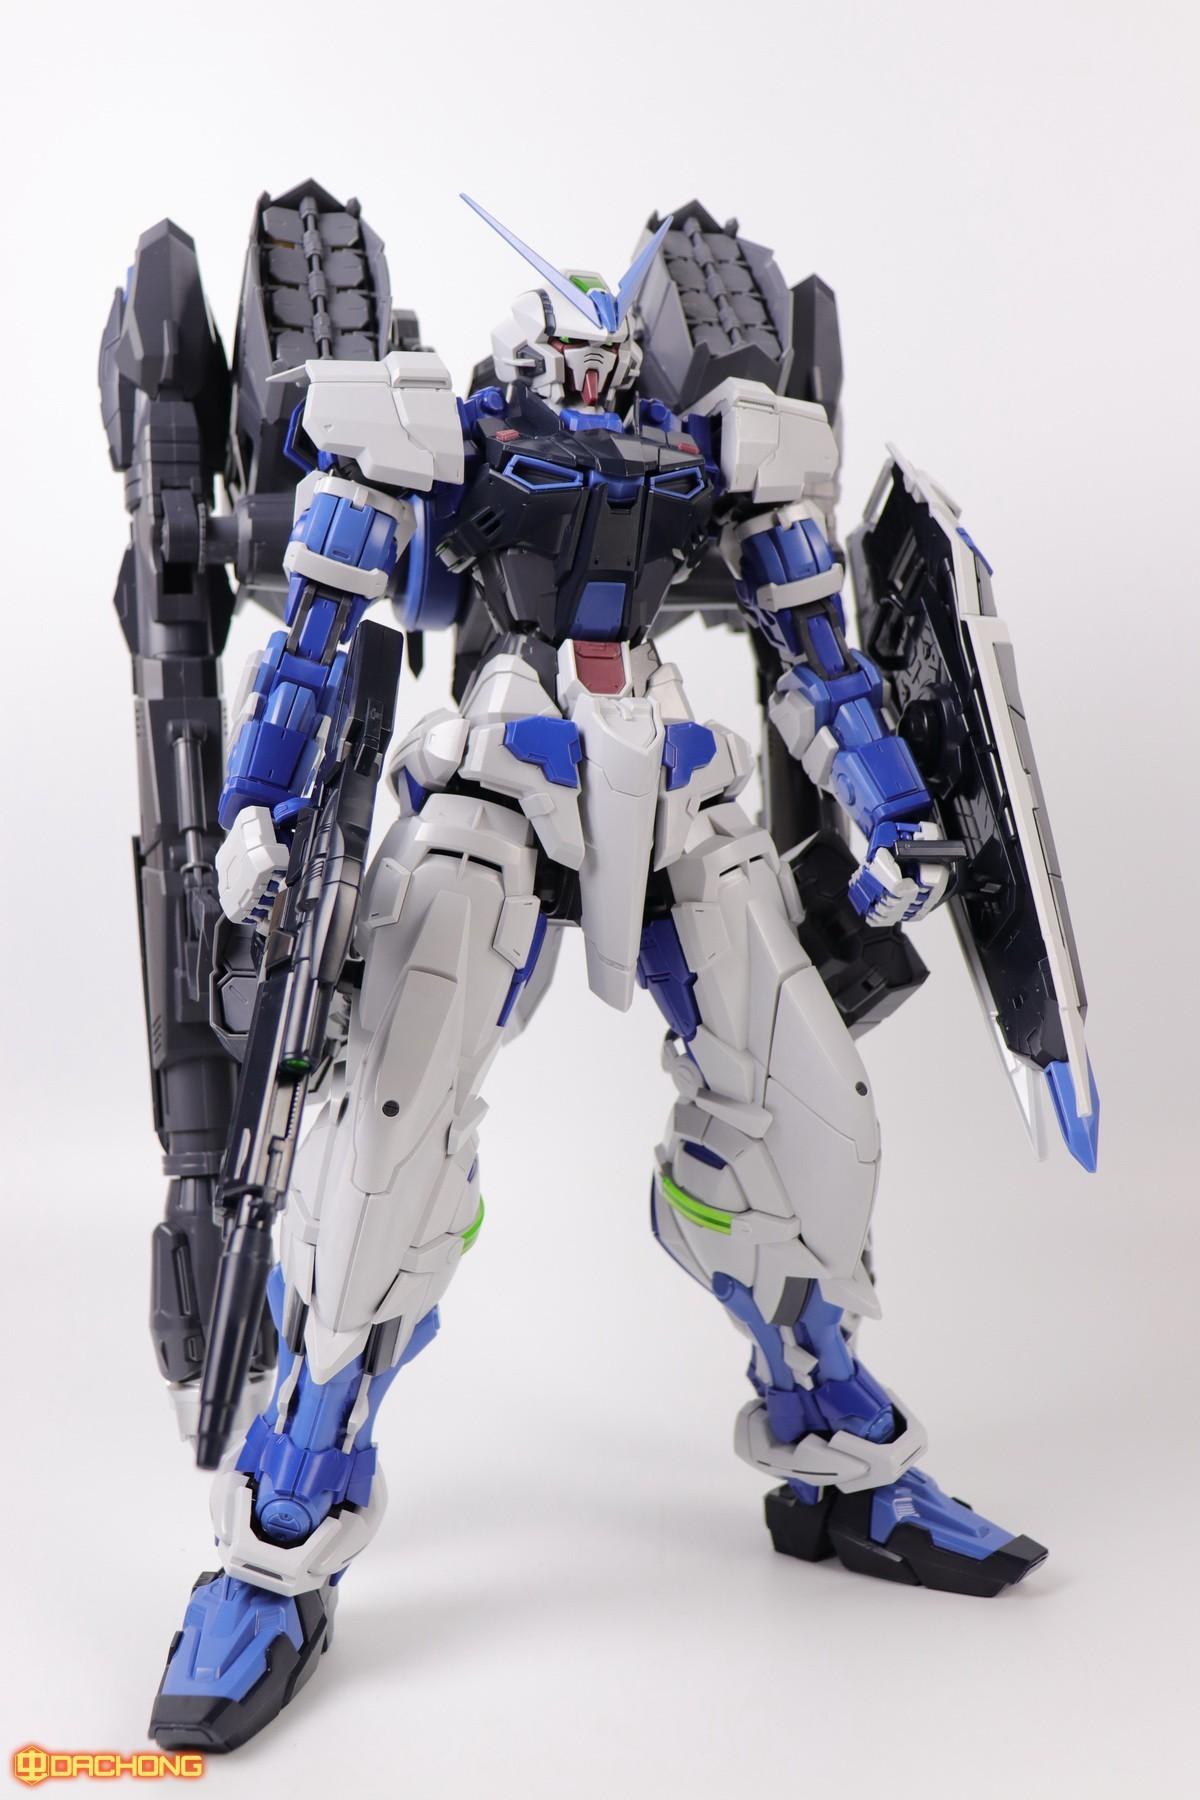 S306_blue_frame_astray_60_077.jpg